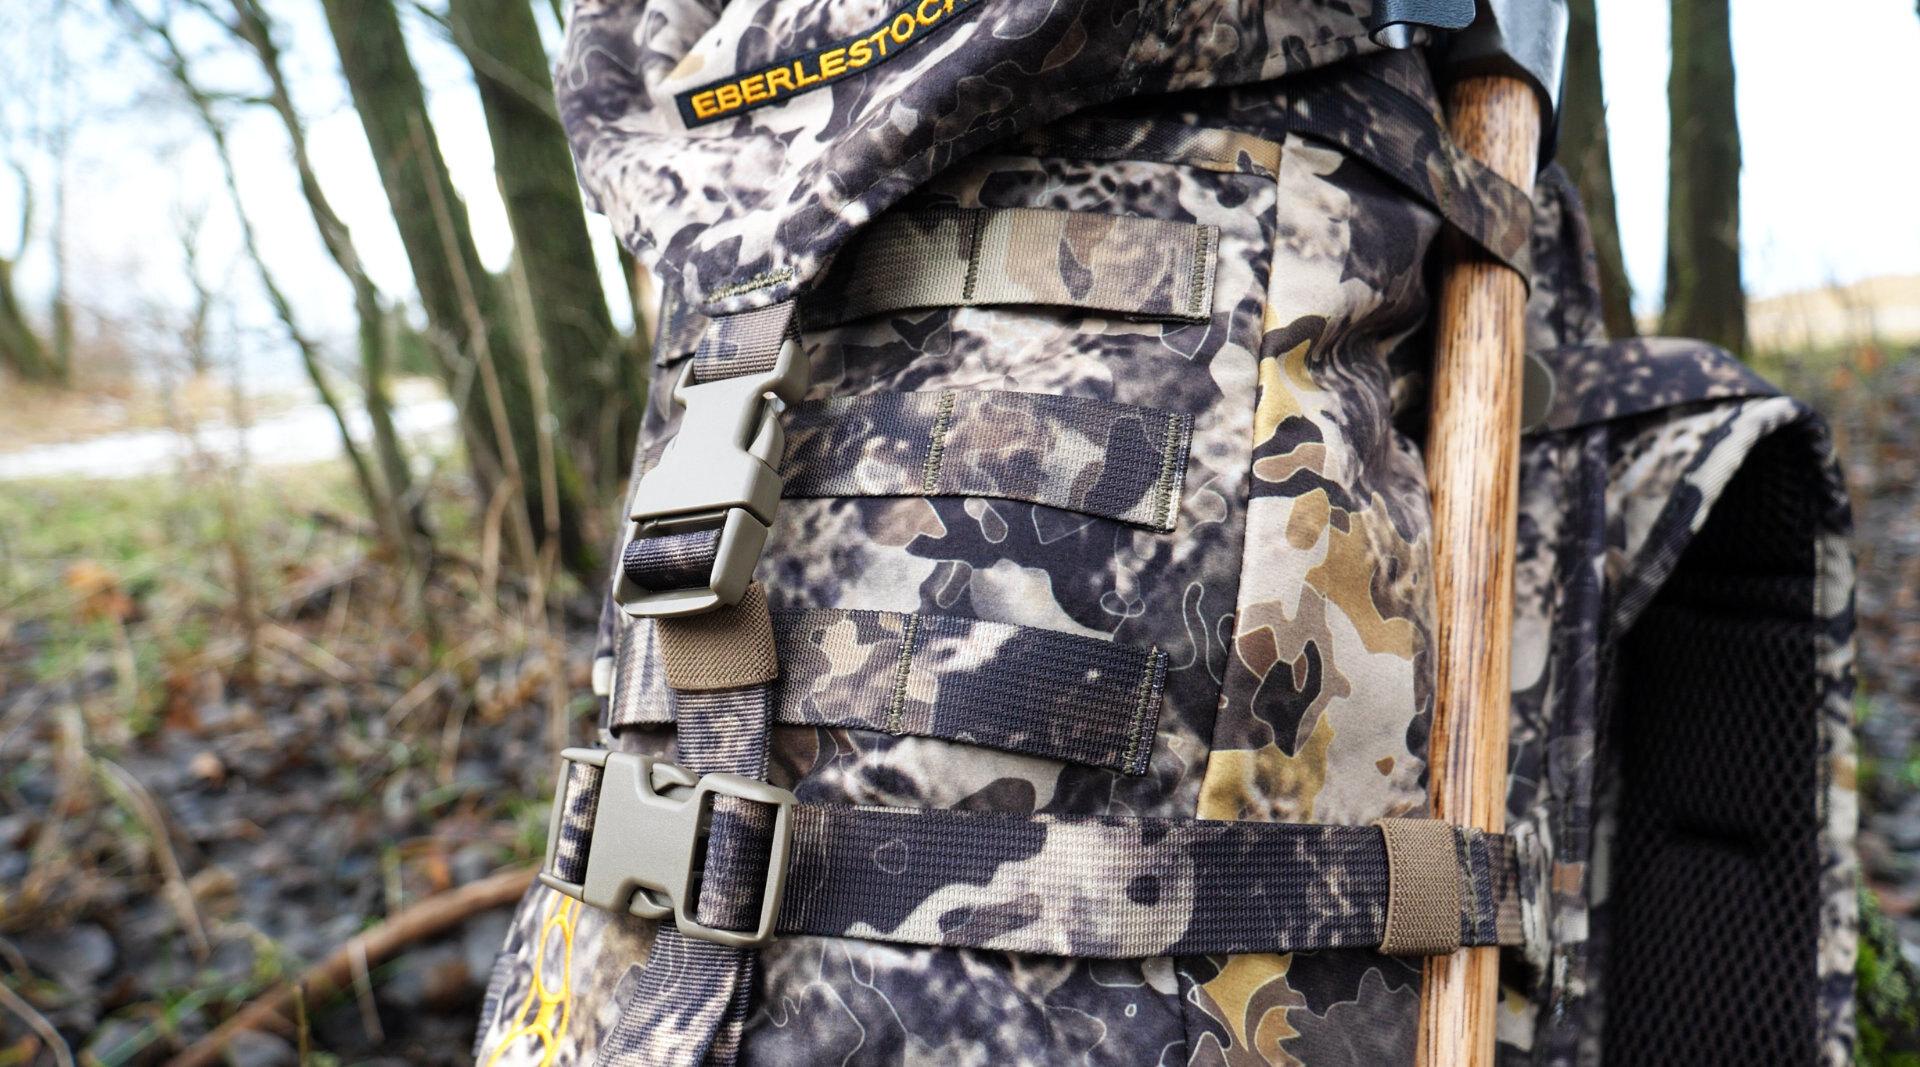 Batoh Gunrunner Eberlestock® (Farba: Skye®)